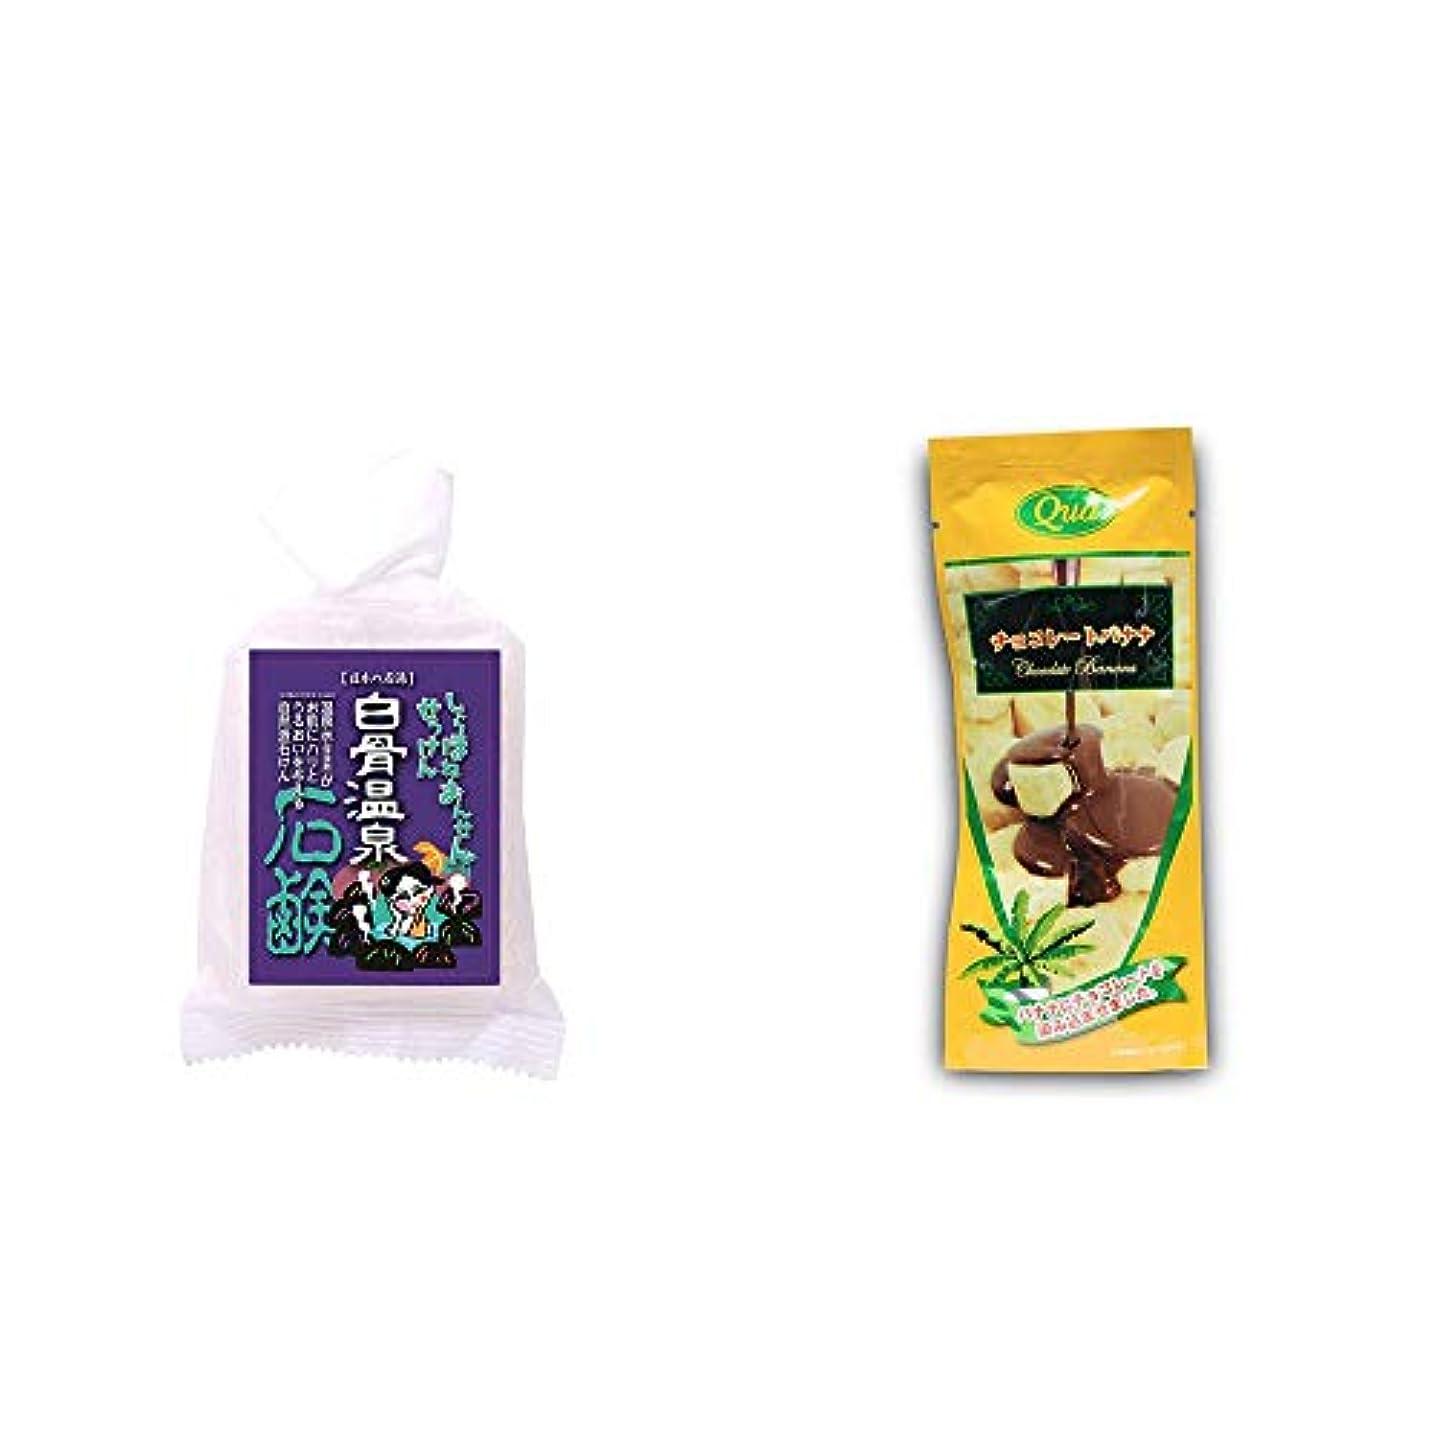 インセンティブ恐怖症ゴージャス[2点セット] 信州 白骨温泉石鹸(80g)?フリーズドライ チョコレートバナナ(50g)